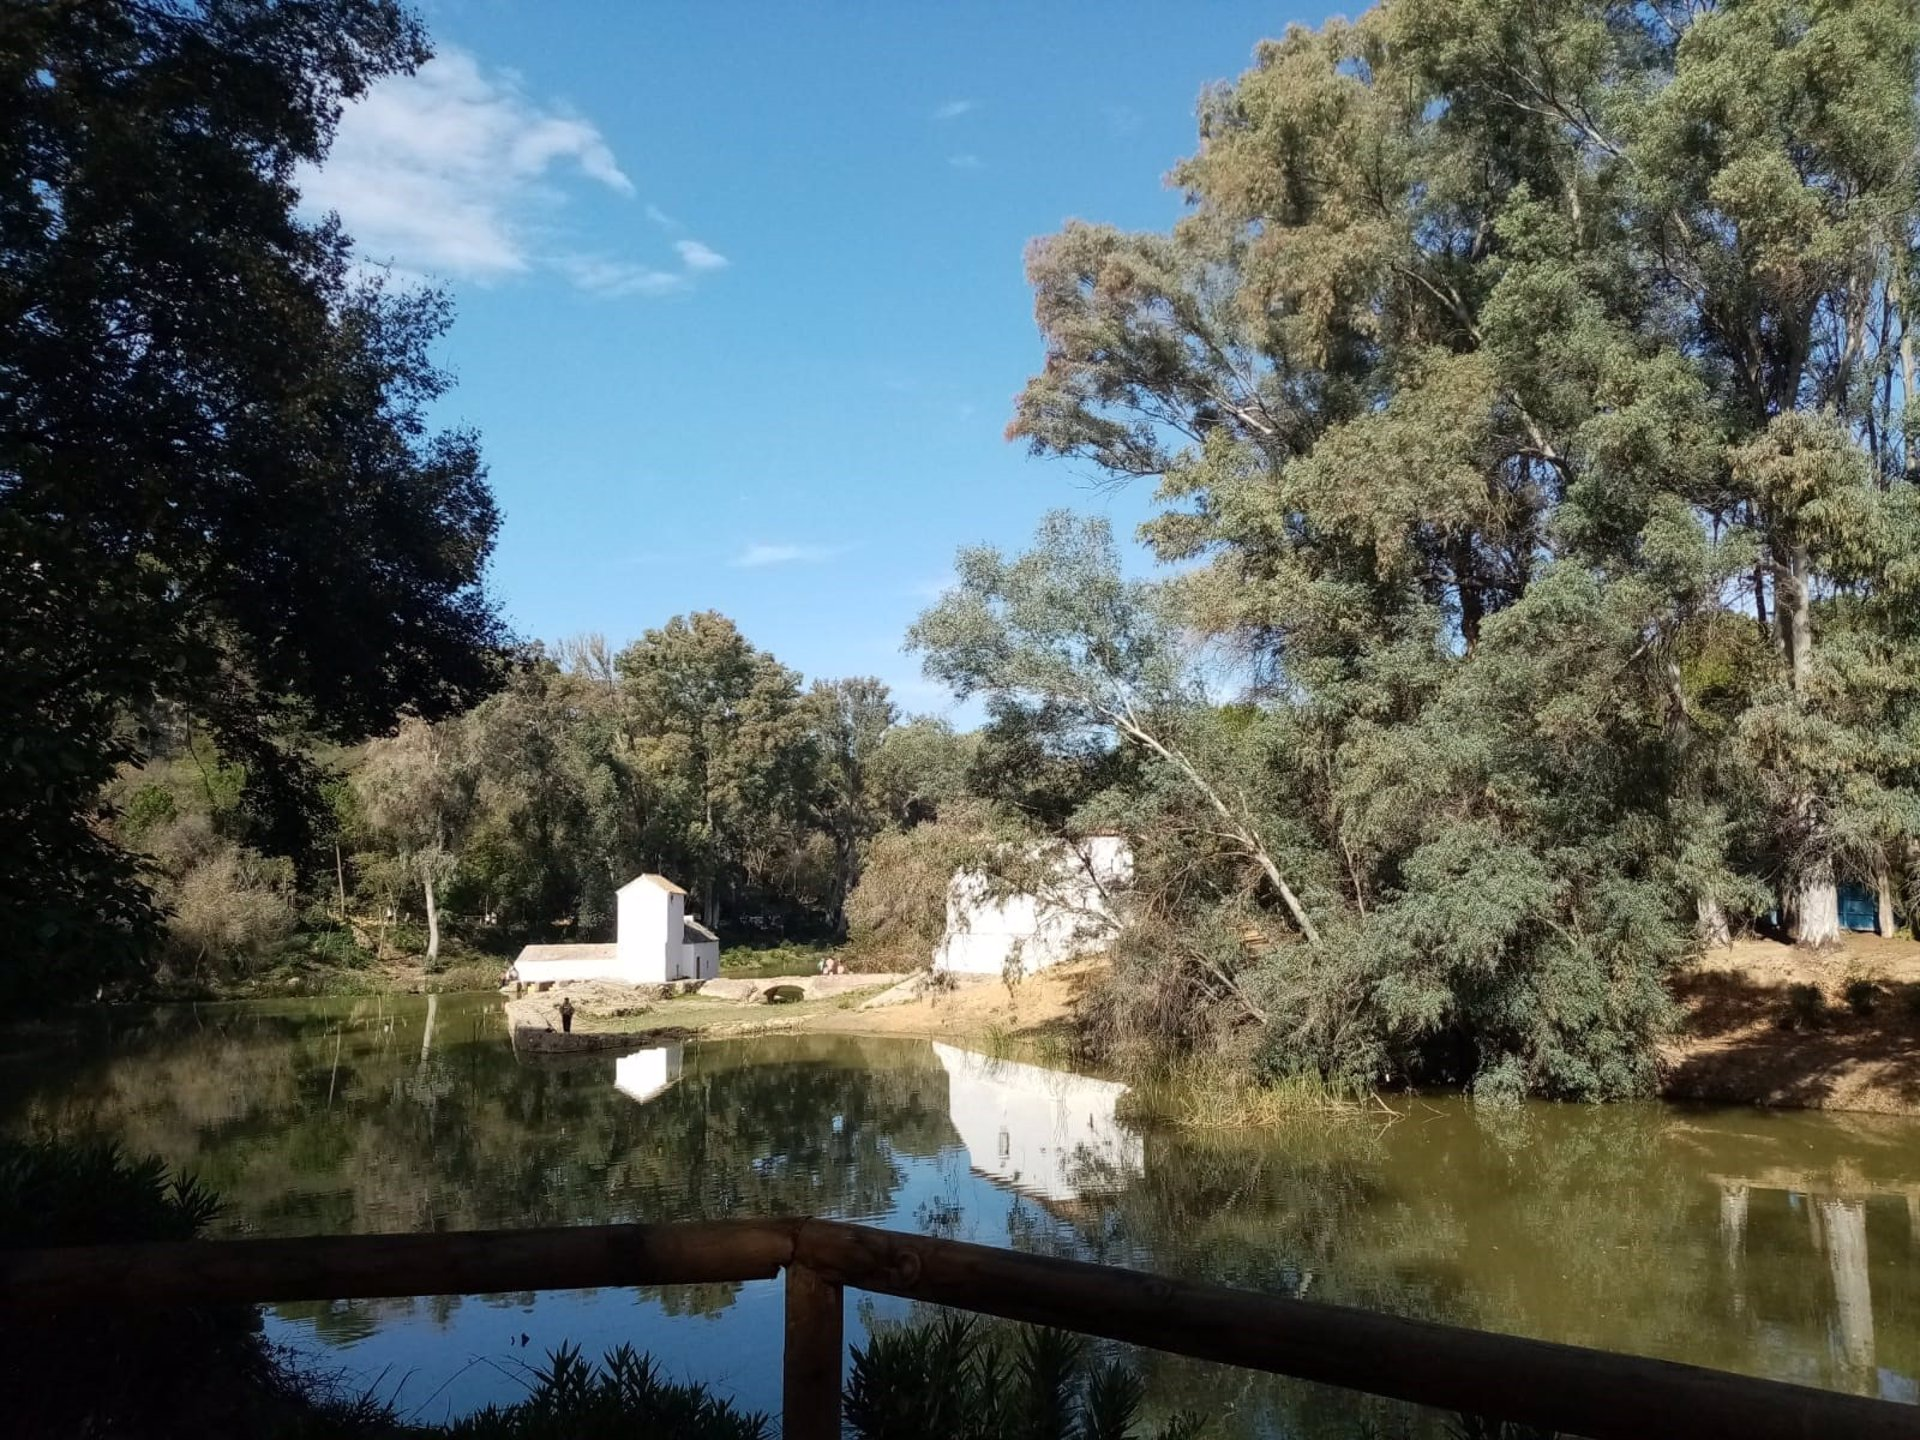 Sevilla.- Alcalá de Guadaíra aumenta la vigilancia y seguridad en las instalaciones municipales y los parques del río